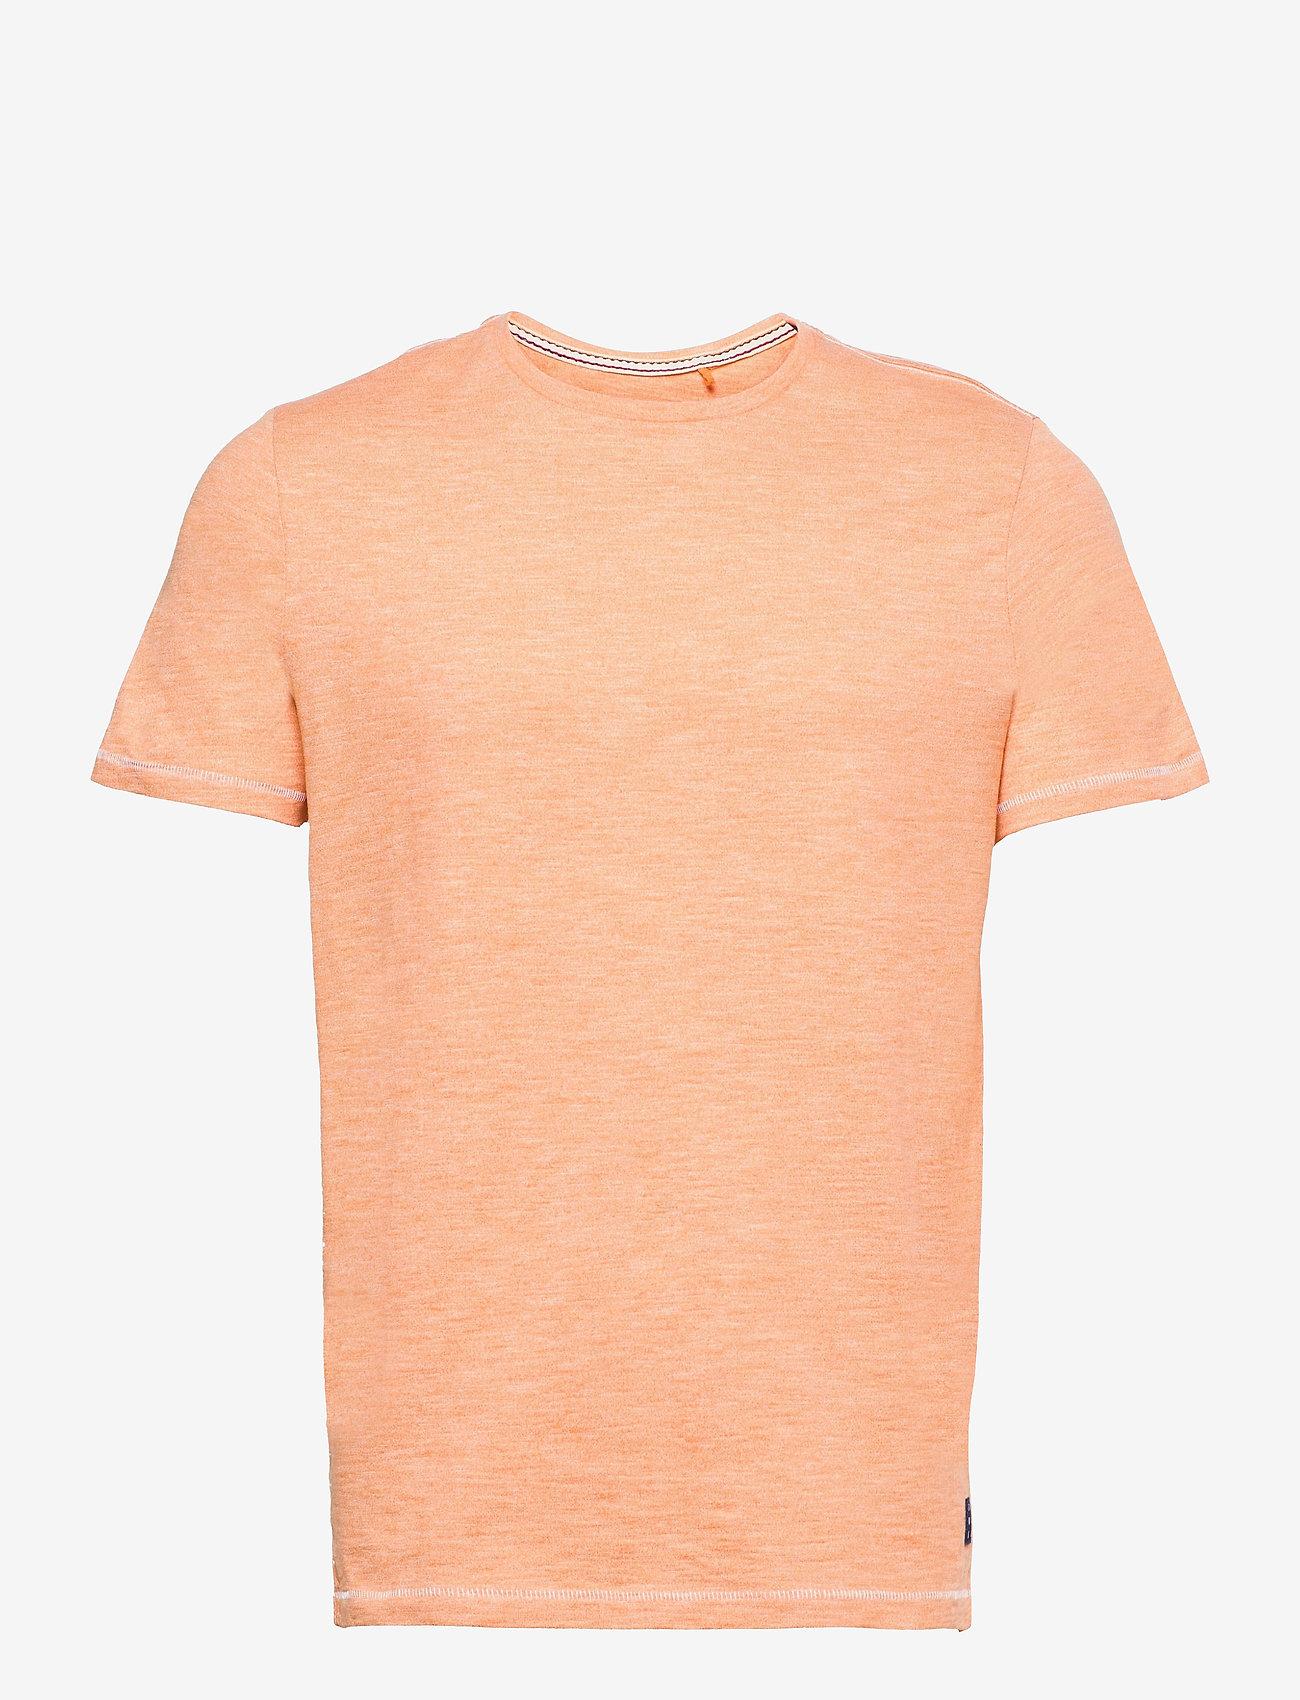 Blend - Tee - basic t-shirts - muskmelon - 0